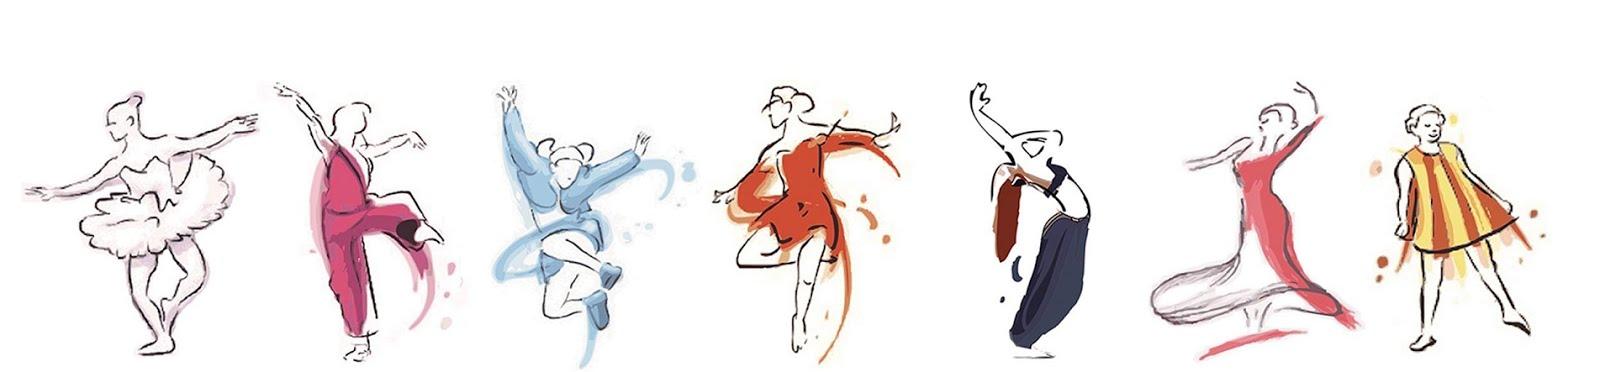 BLANCHE BURLIN - Nantes Talensac Danse